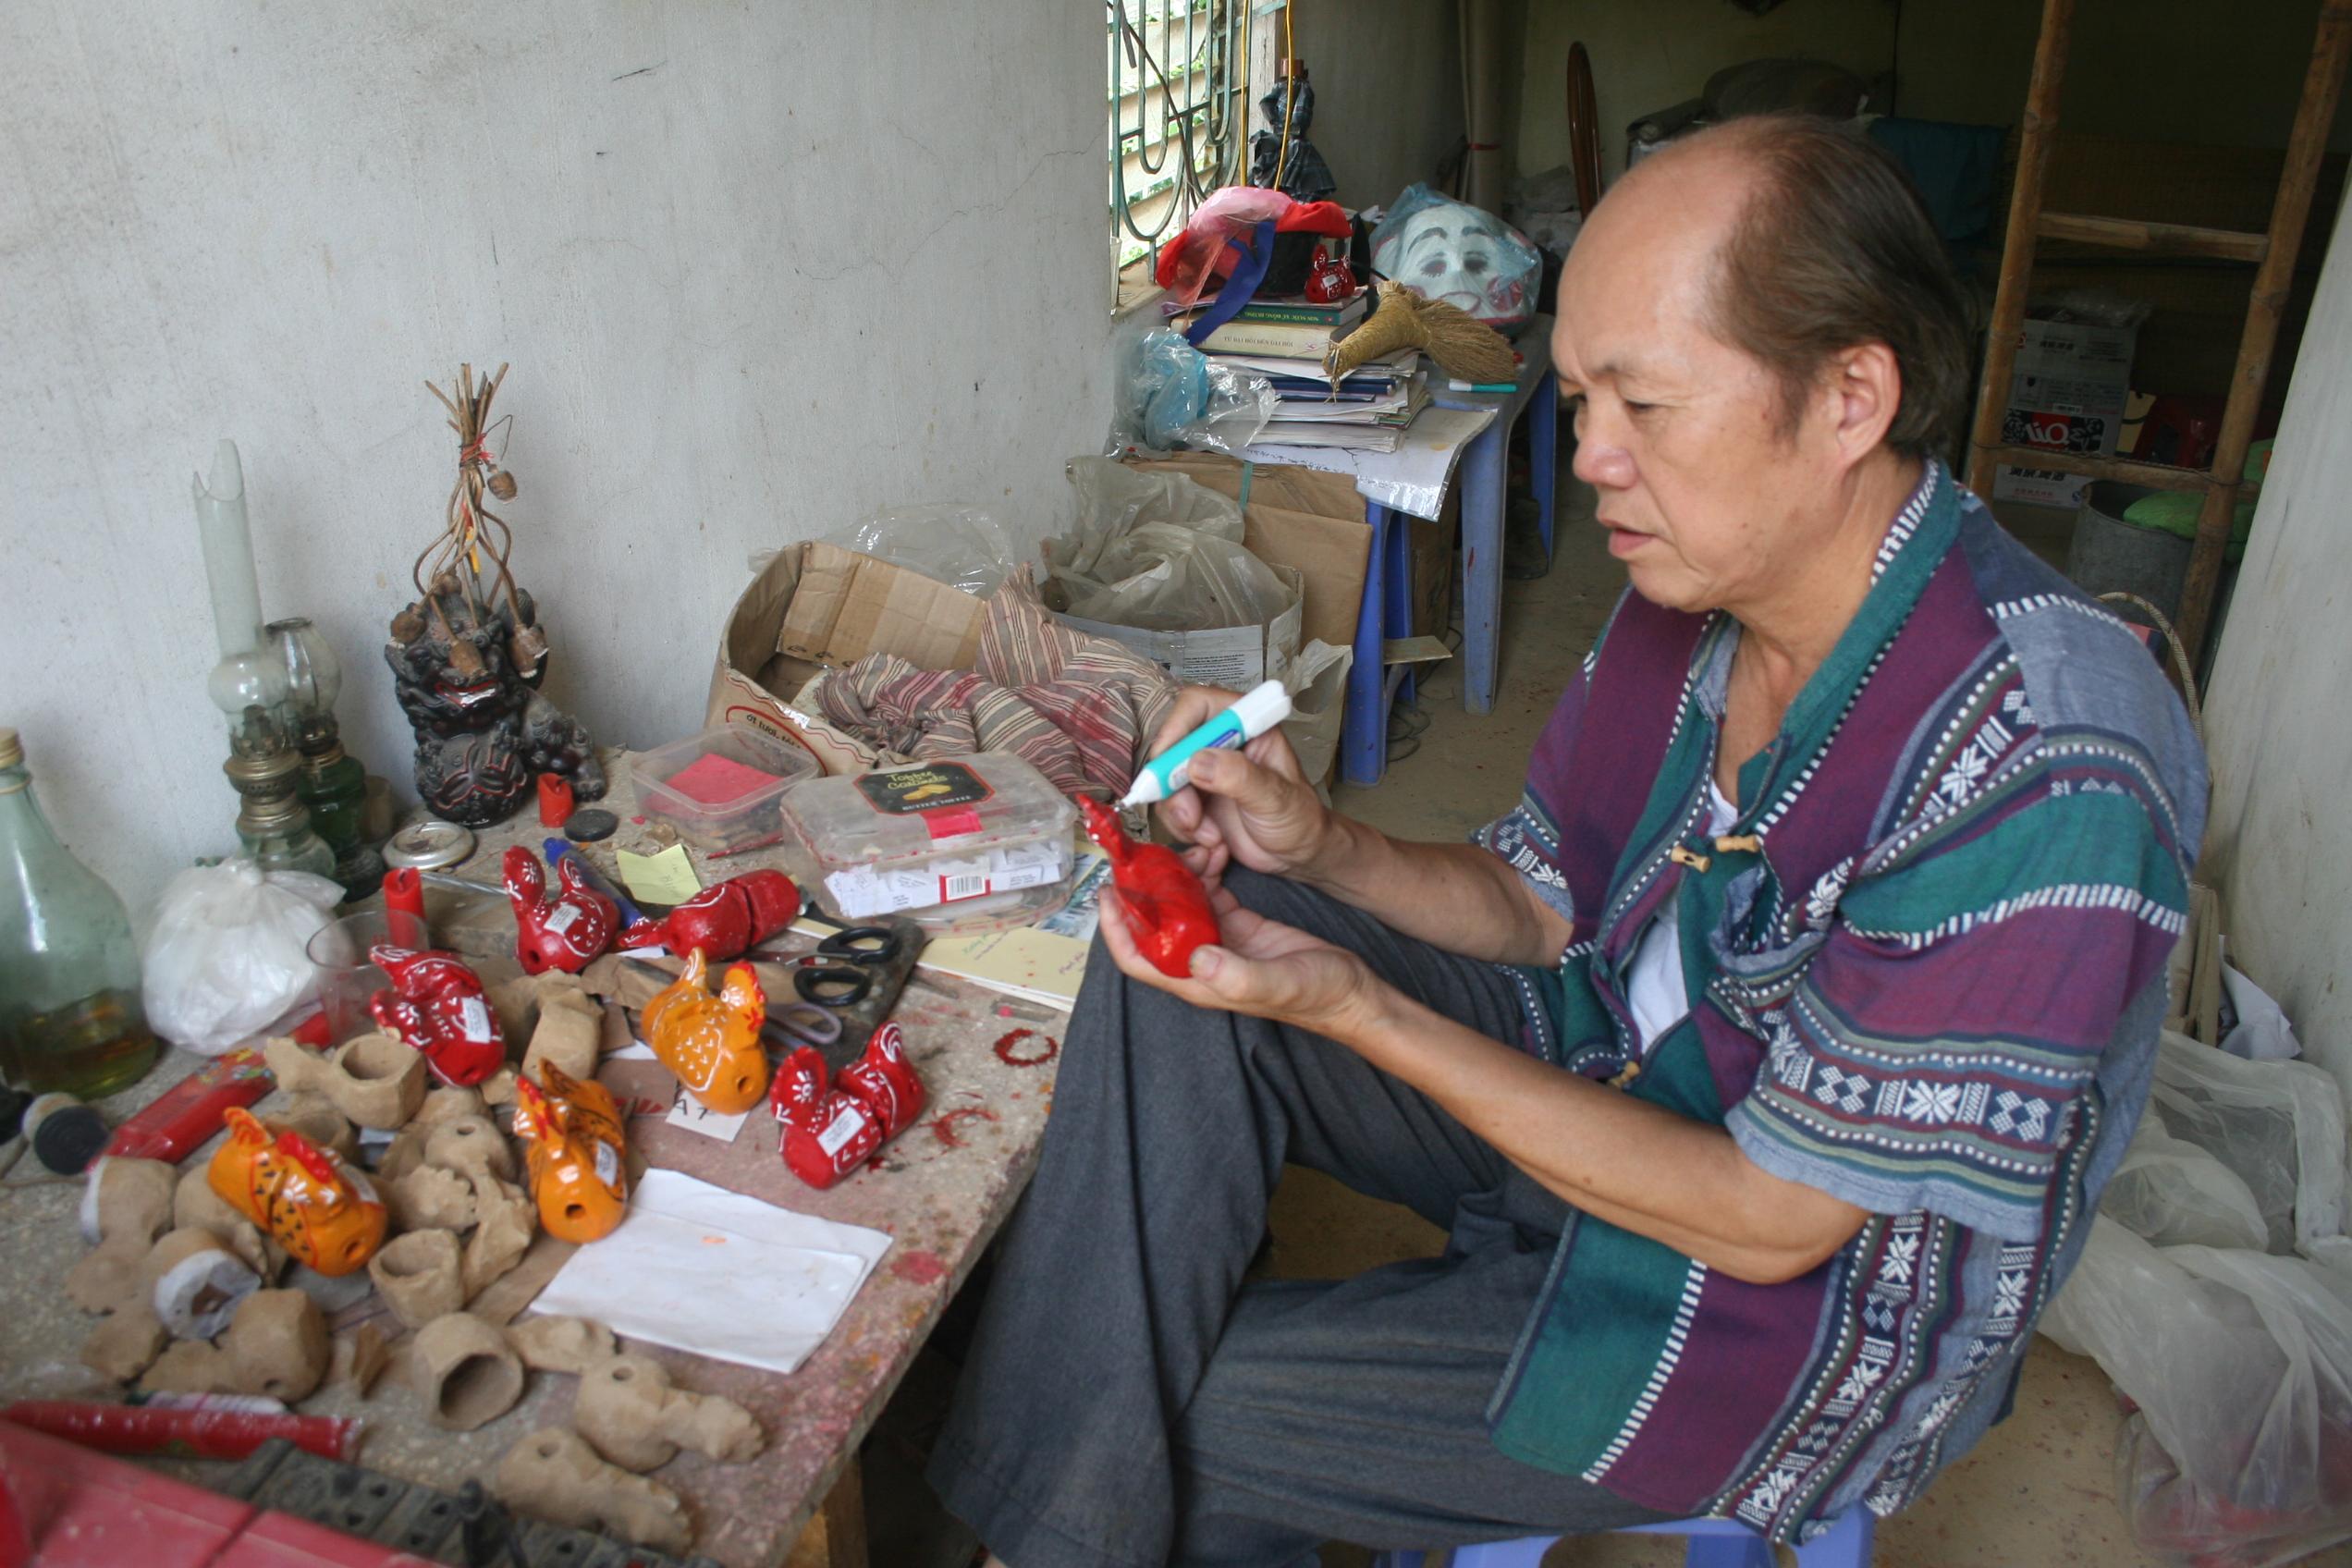 Ông Chóong dành rất nhiều thời gian cho việc chế tác gà đất